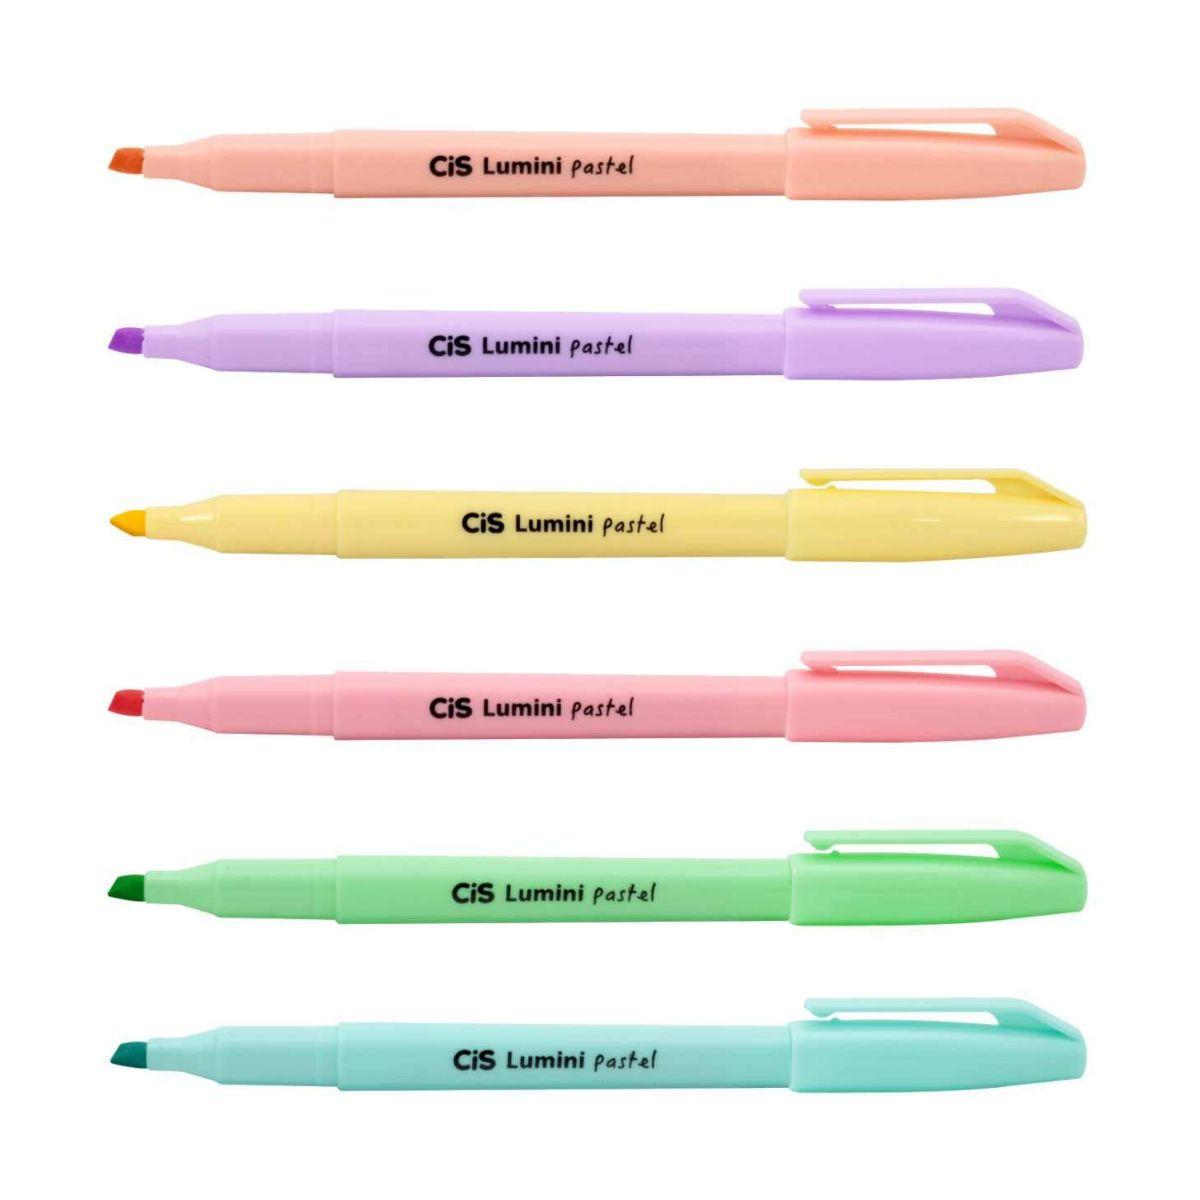 Caneta Marca Texto Cis Lumini Pastel - 6 cores